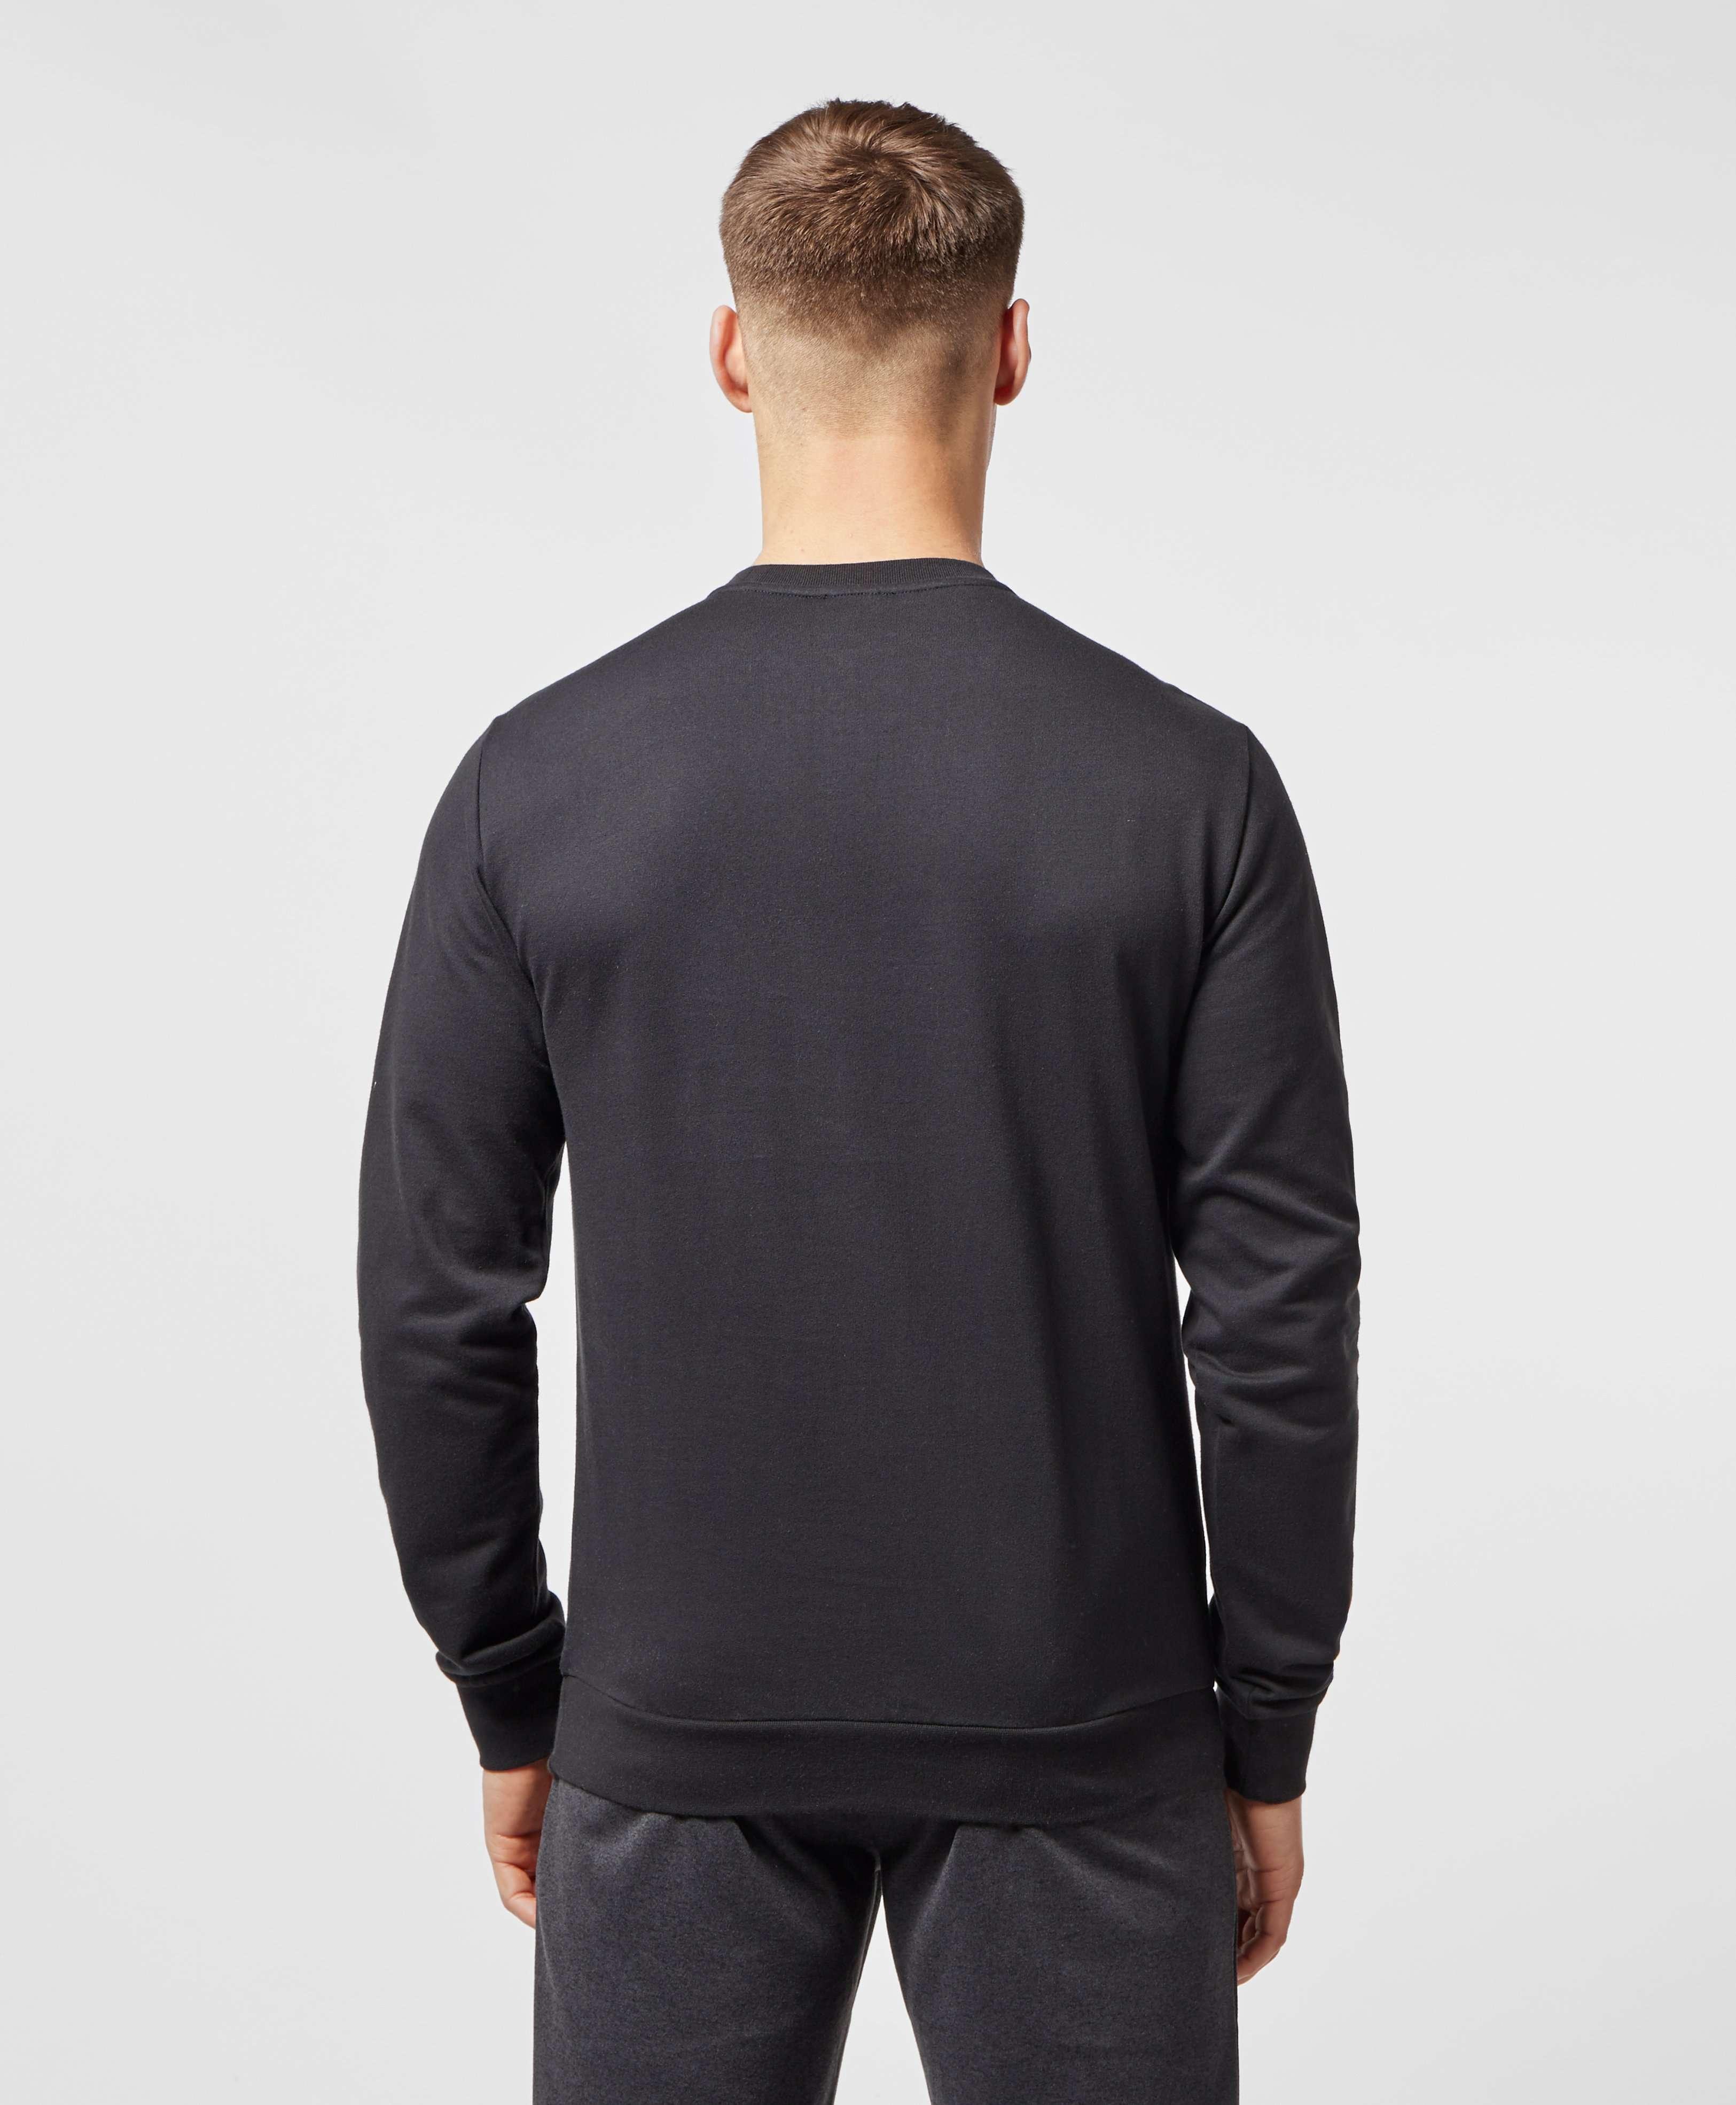 Emporio Armani EA7 Visibility Reflective Logo Sweatshirt